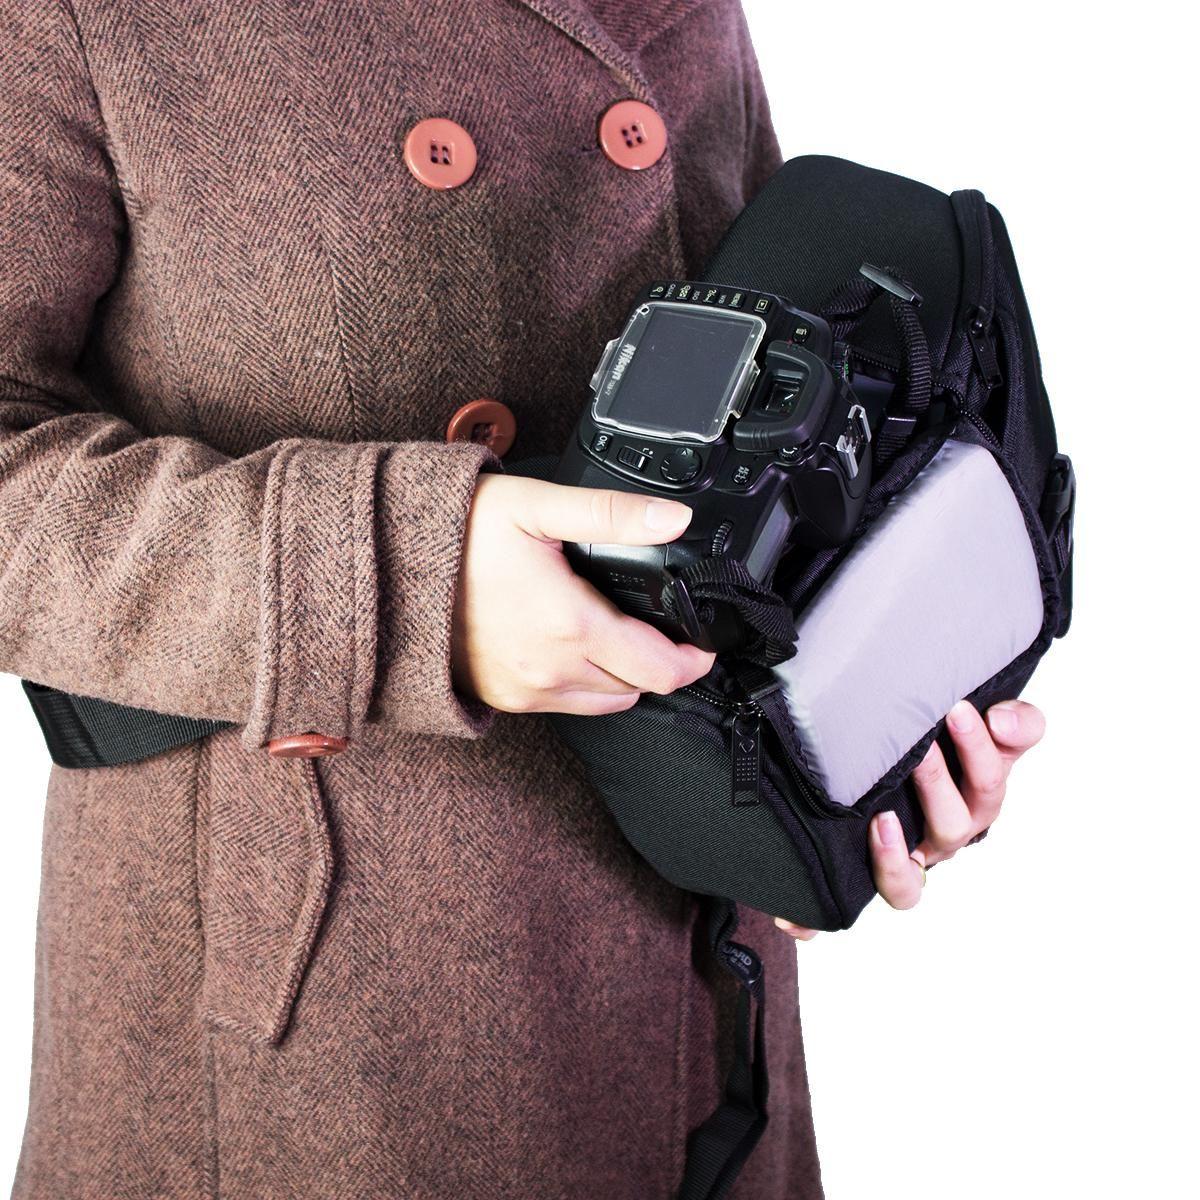 Mochila Vanguard Ziin 37bk para Equipamentos Fotográficos  - Fotolux